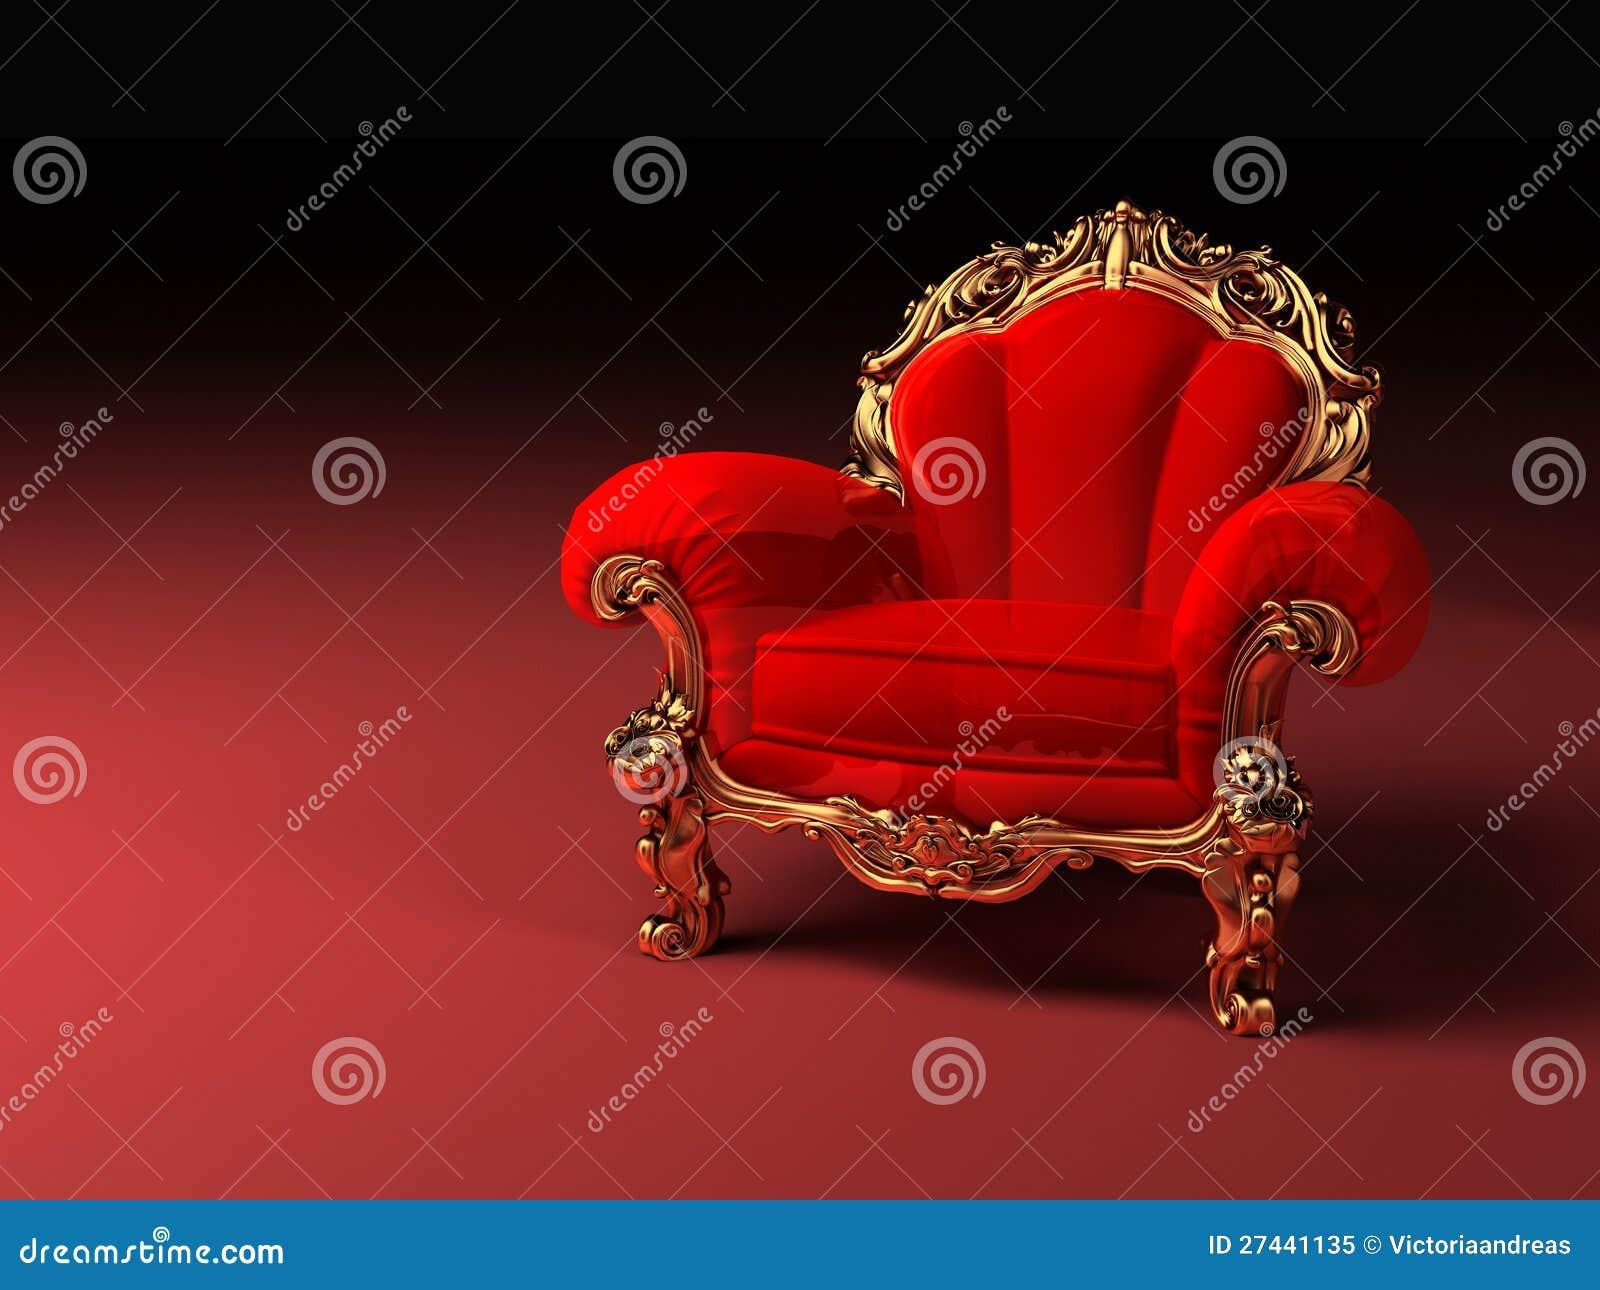 Rouge Royal La Fauteuil Avec Illustration Stock Trame XZiOkPu